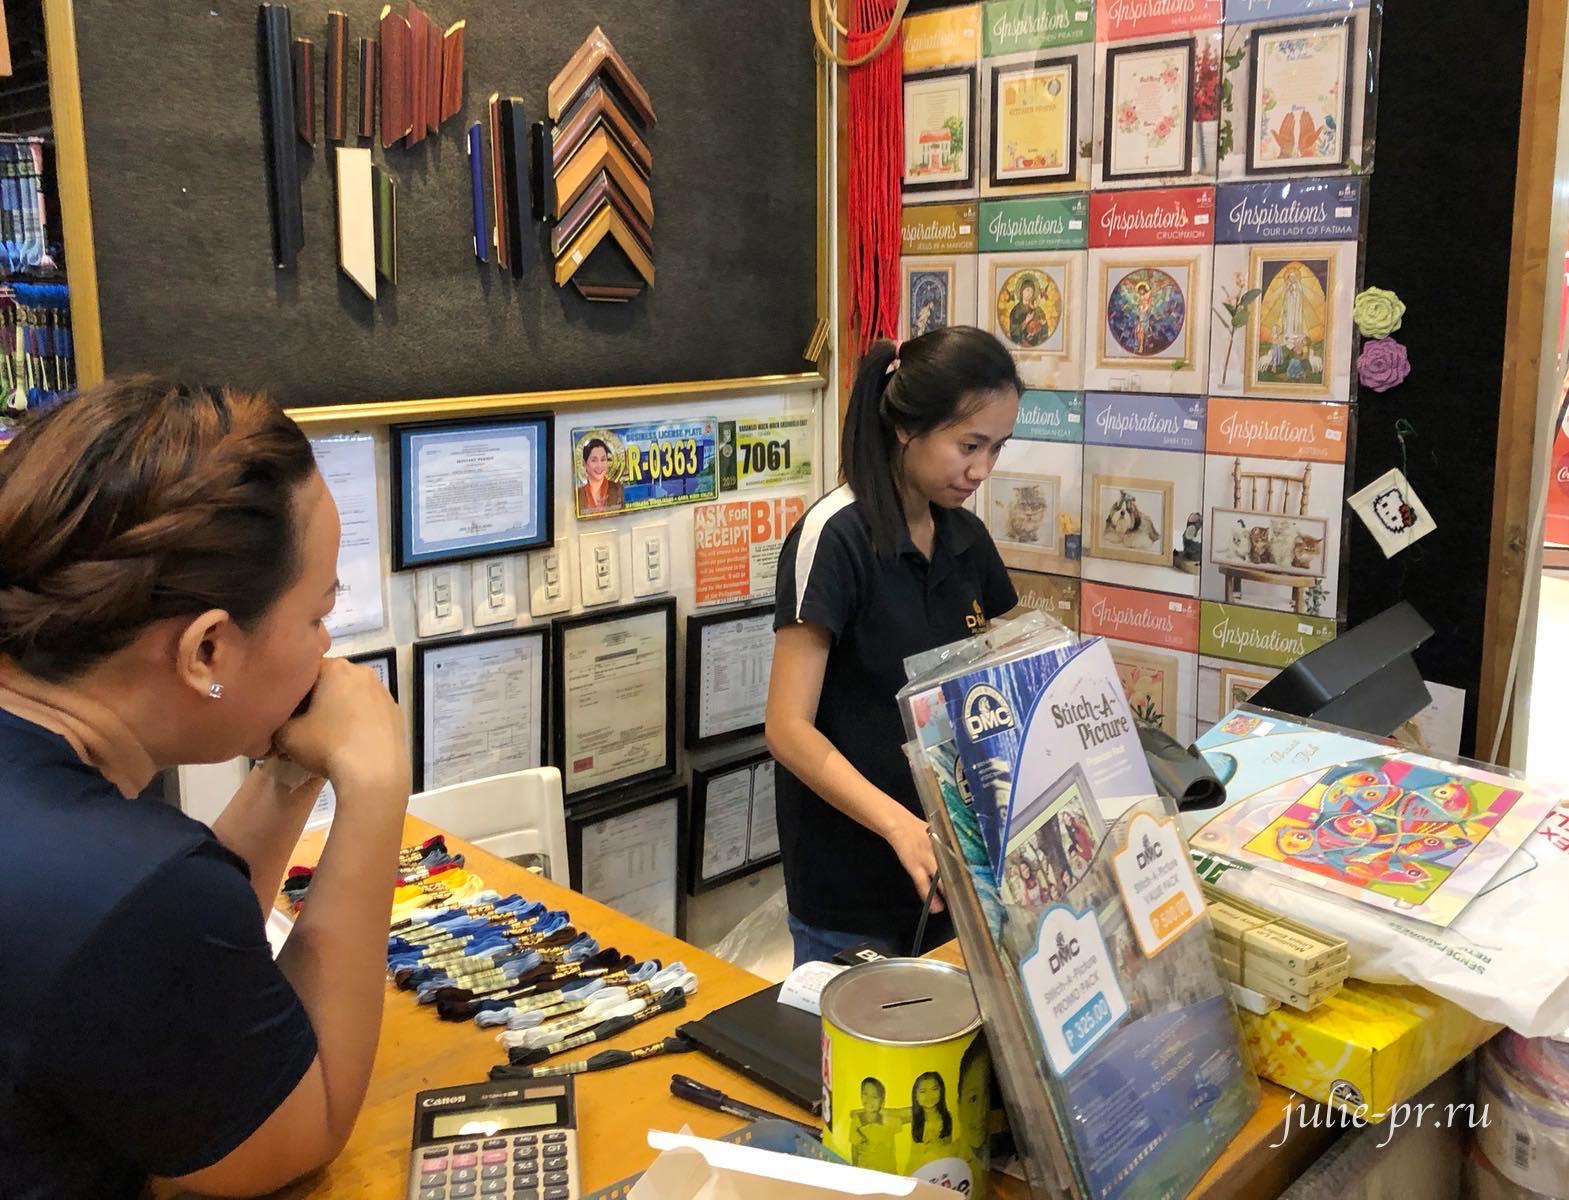 Рукодельный магазин DMC Creative World, Манила, Филиппины, вышивка